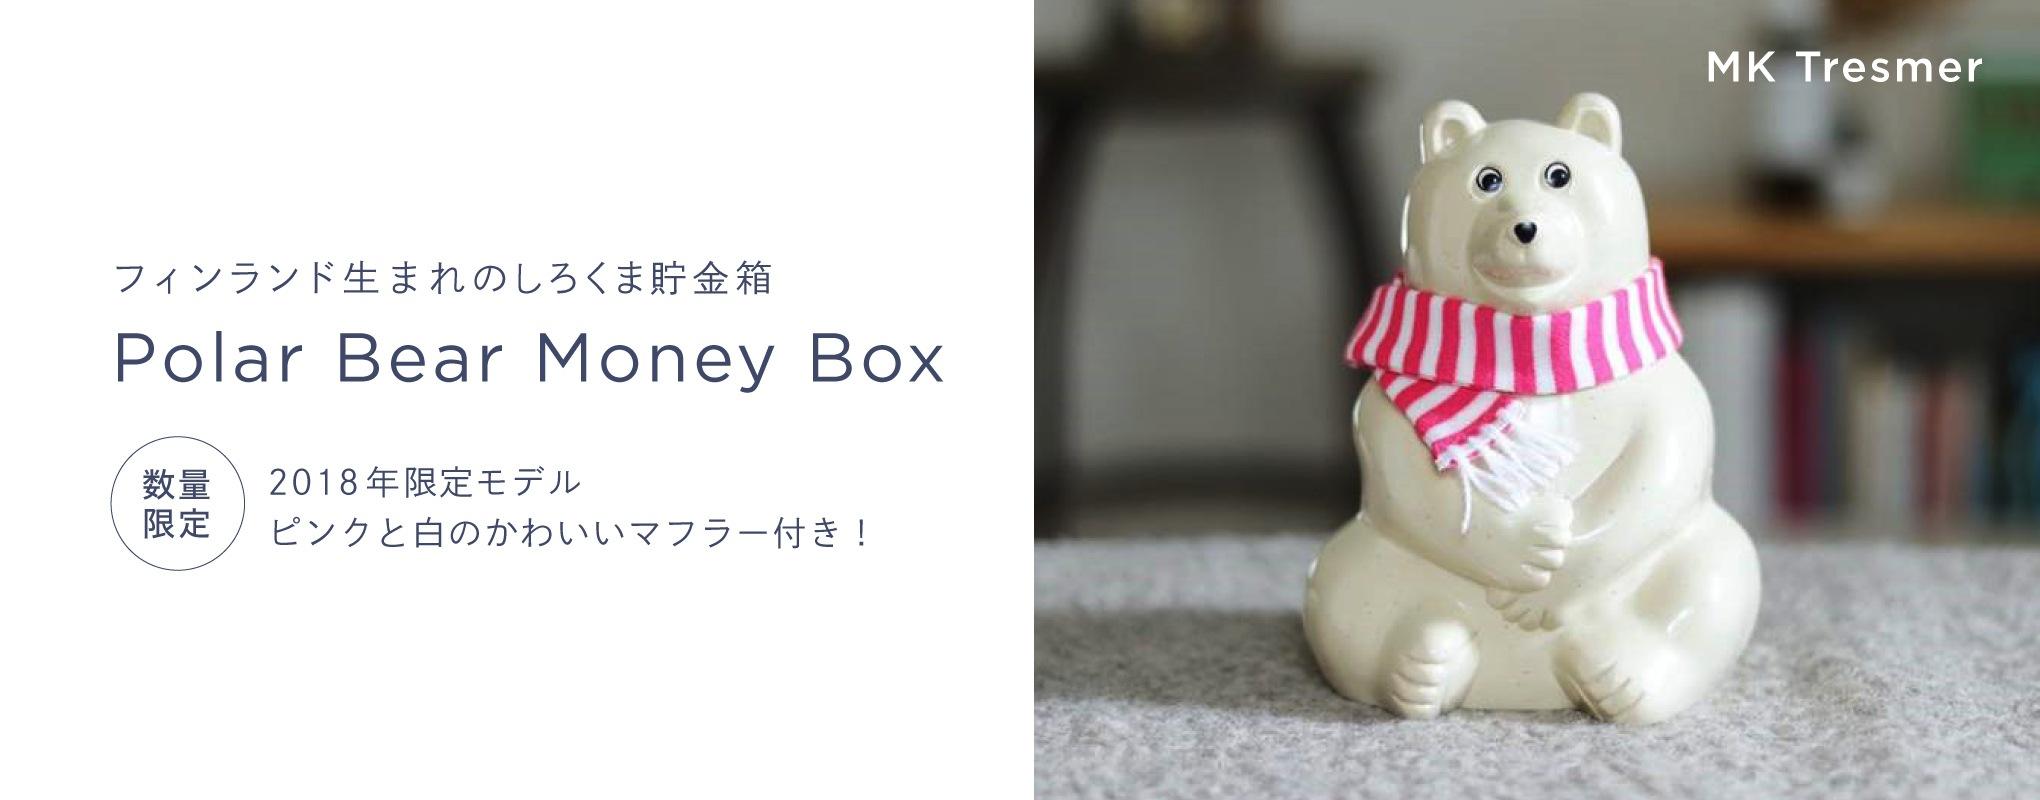 シロクマ貯金箱